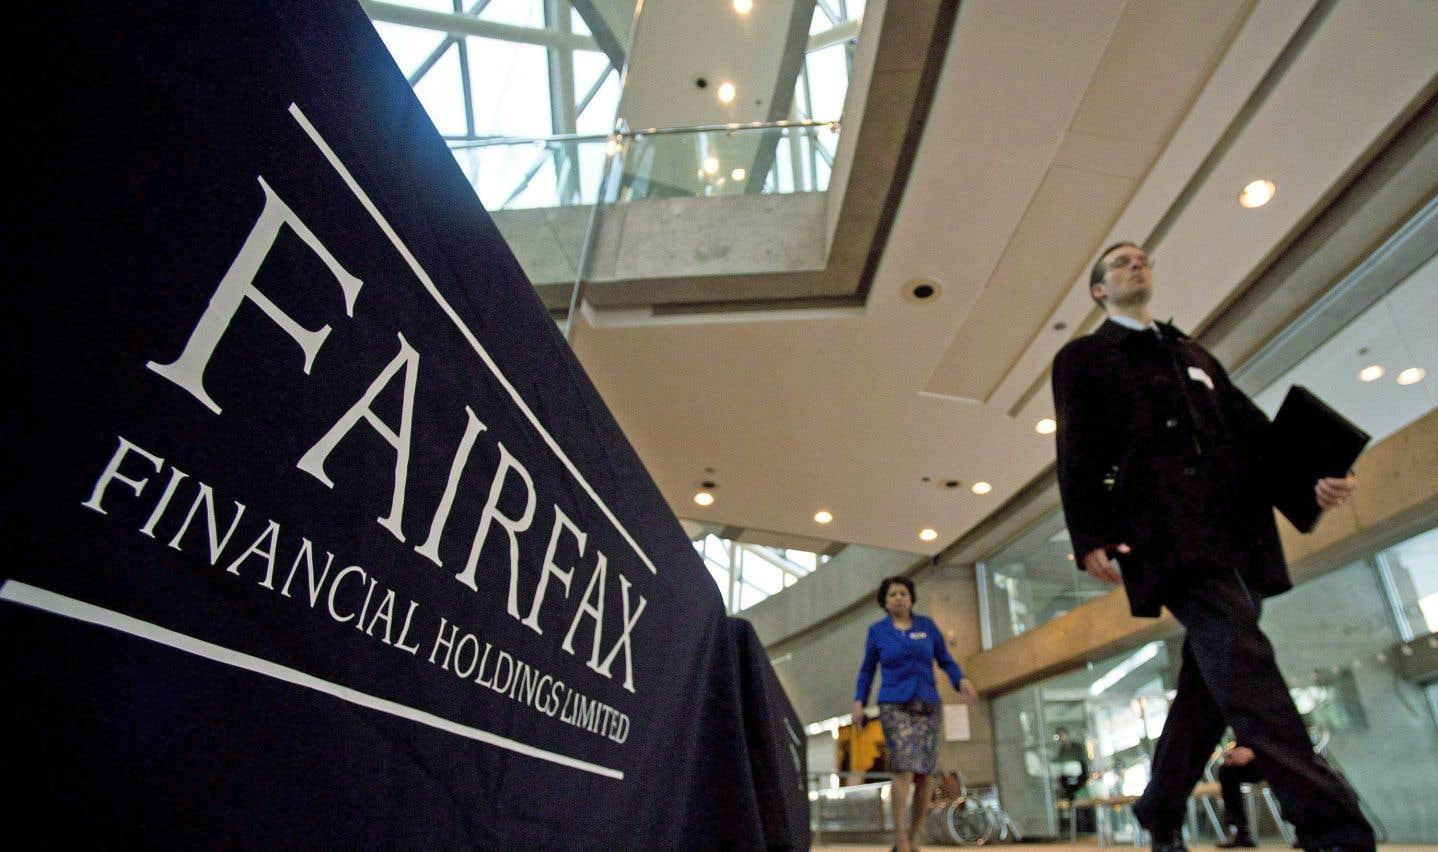 En vertu de l'entente, plus de 4500 employés de Carillion Canada seront transférés chez Fairfax.